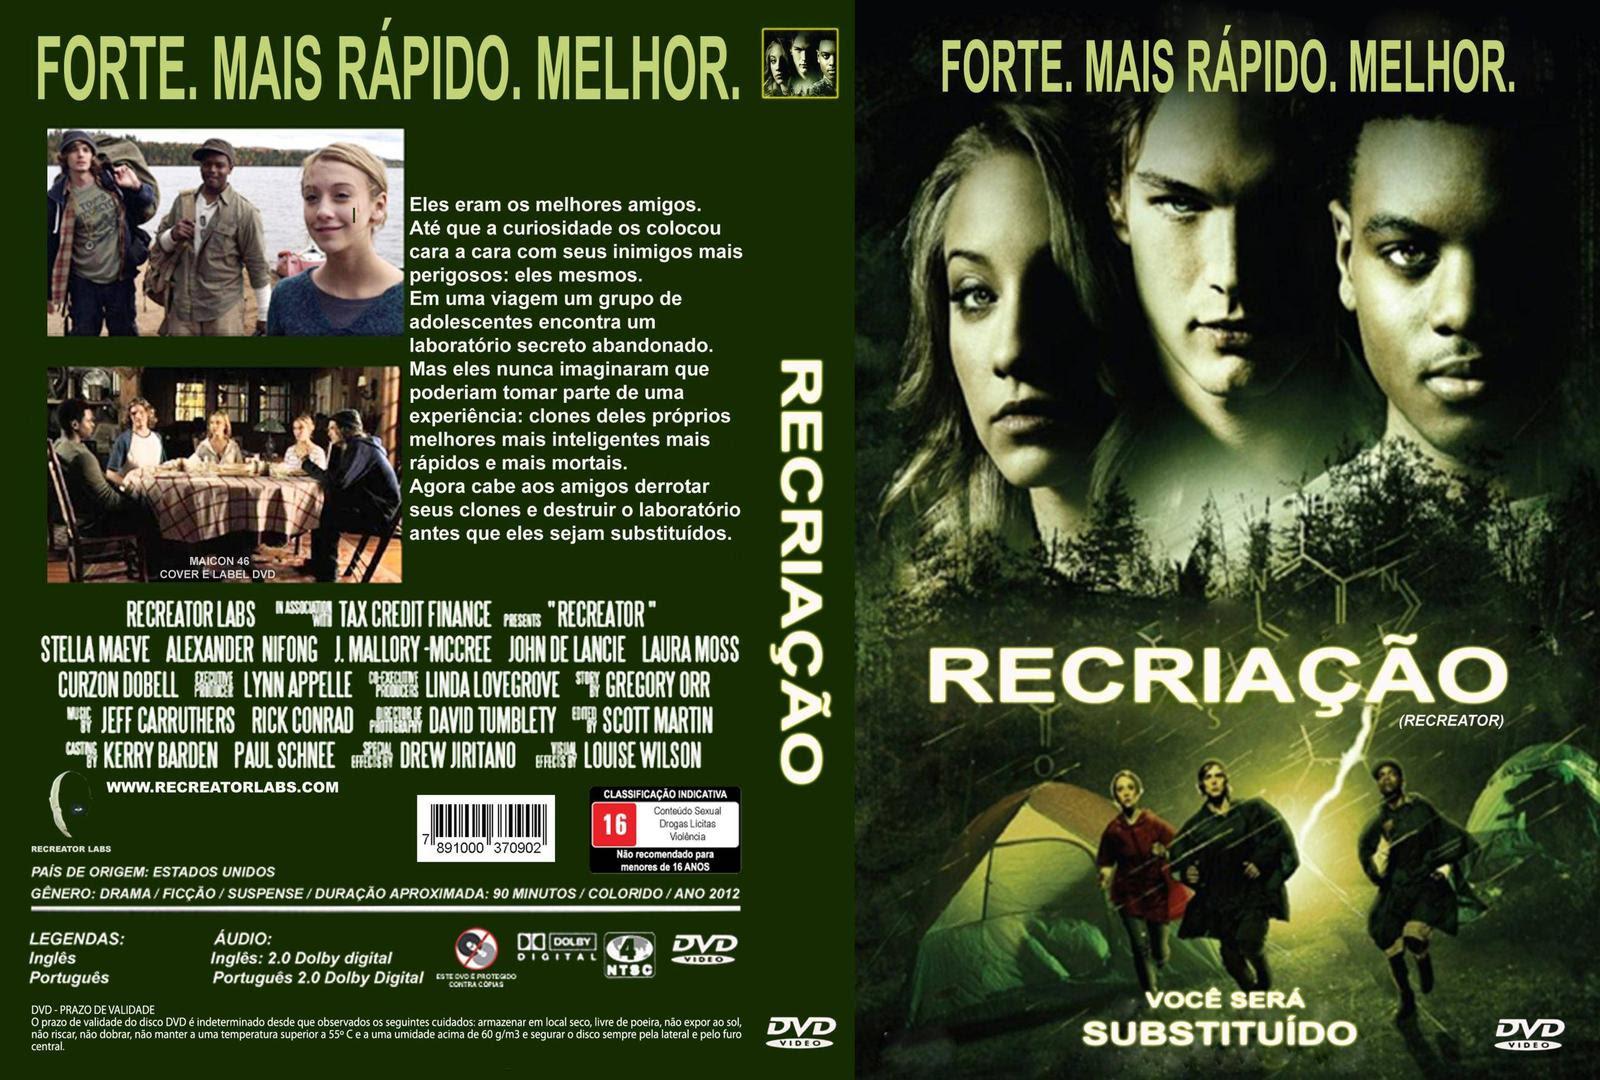 Recriação (Cloned: The Recreator Chronicles) Torrent - Dual Áudio (2012)